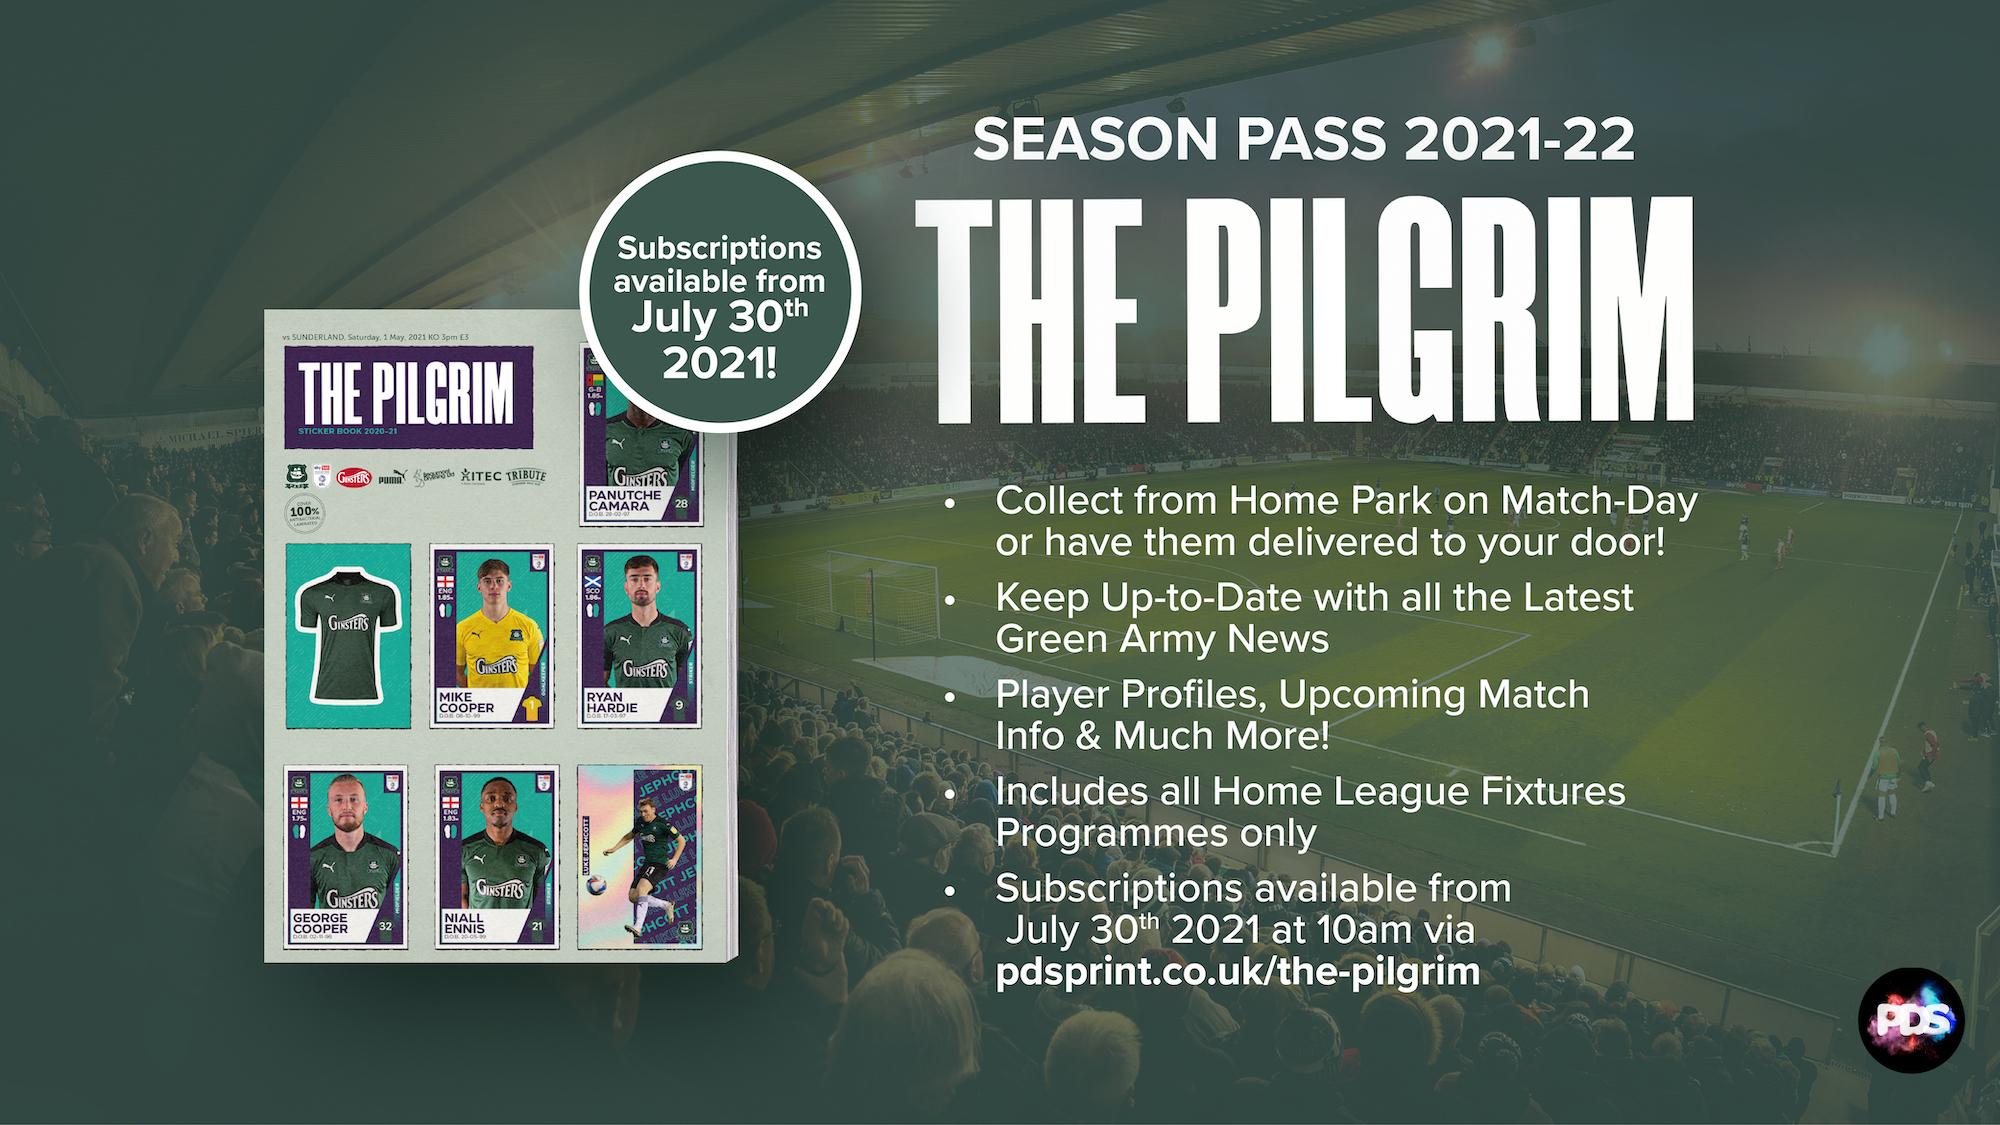 The Pilgrim subscription